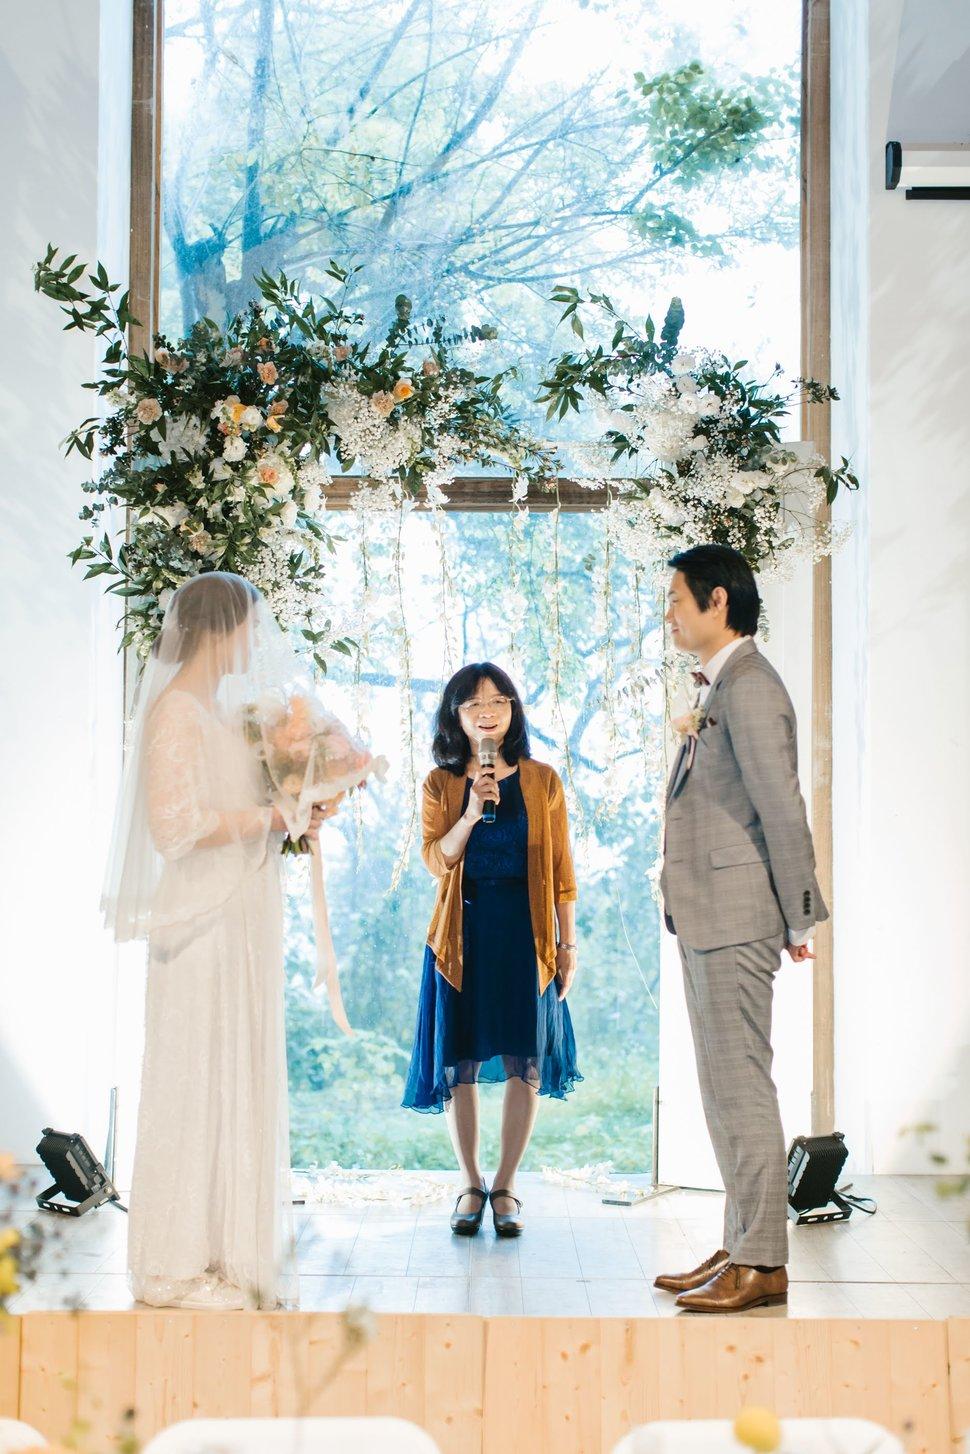 顏氏牧場婚禮 -美式婚禮-美式婚禮紀錄-Amazing Grace 攝影美學 -台北婚禮紀錄 -台中婚禮紀錄- 美式婚紗59 - Amazing Grace Studio《結婚吧》